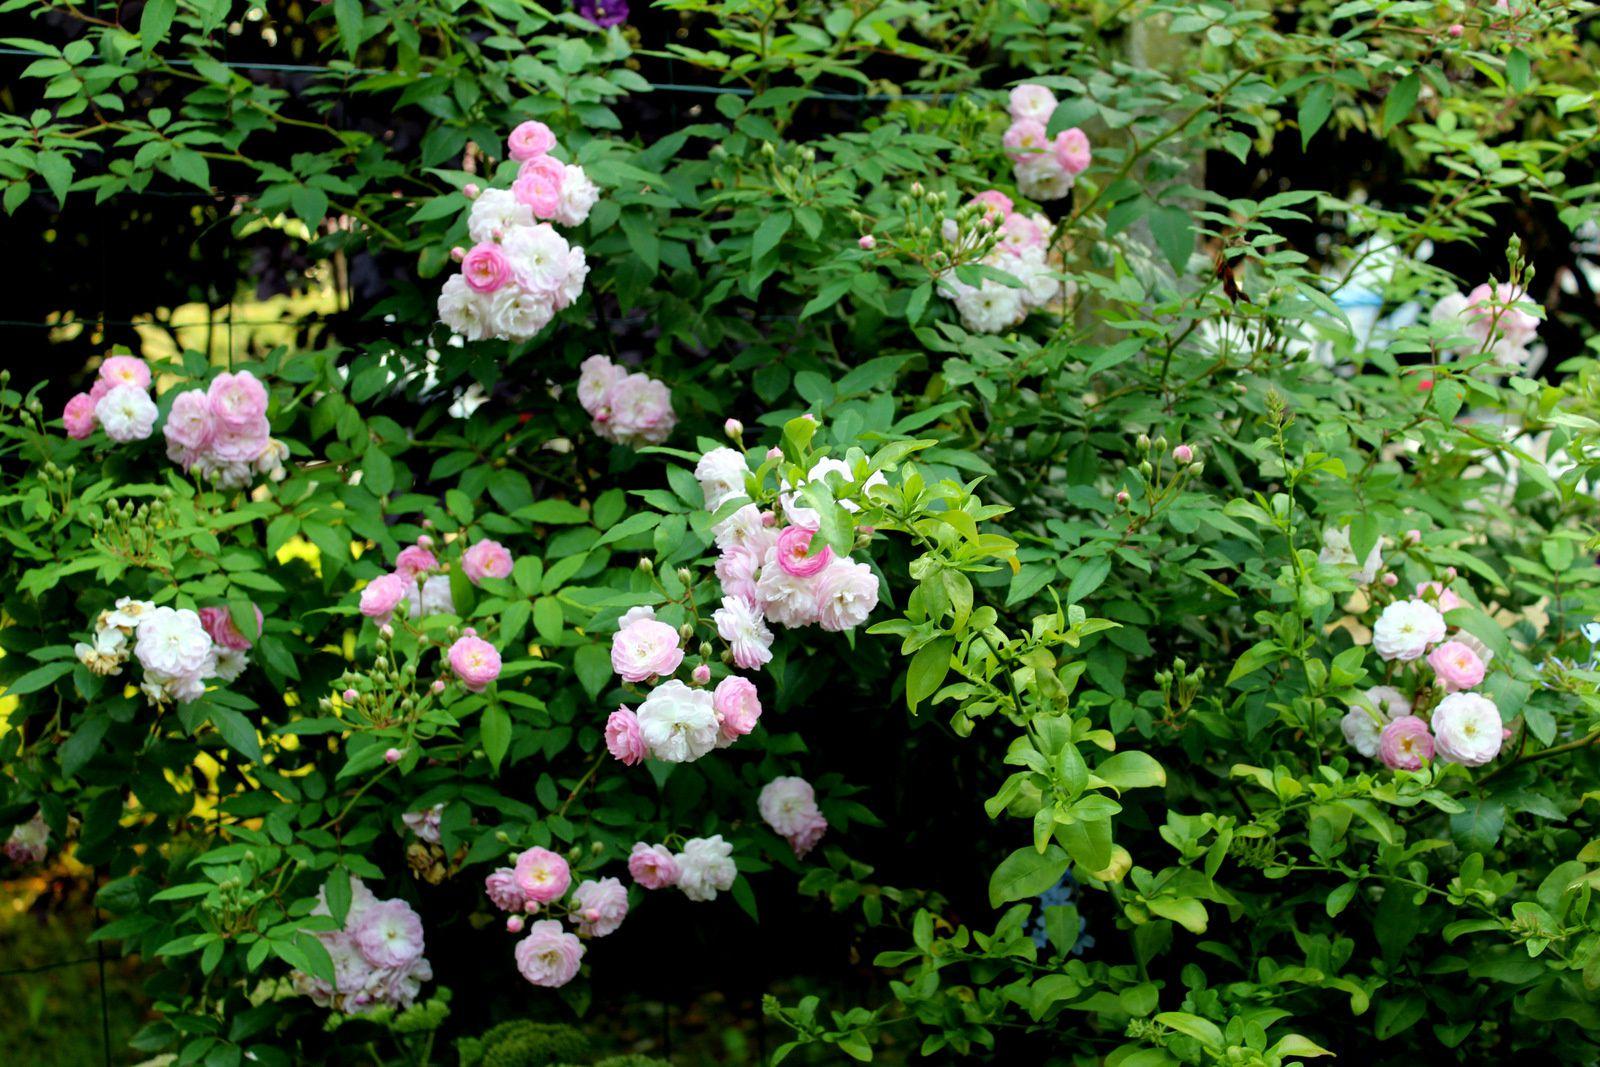 Un petit tour au jardin en fin d'été,